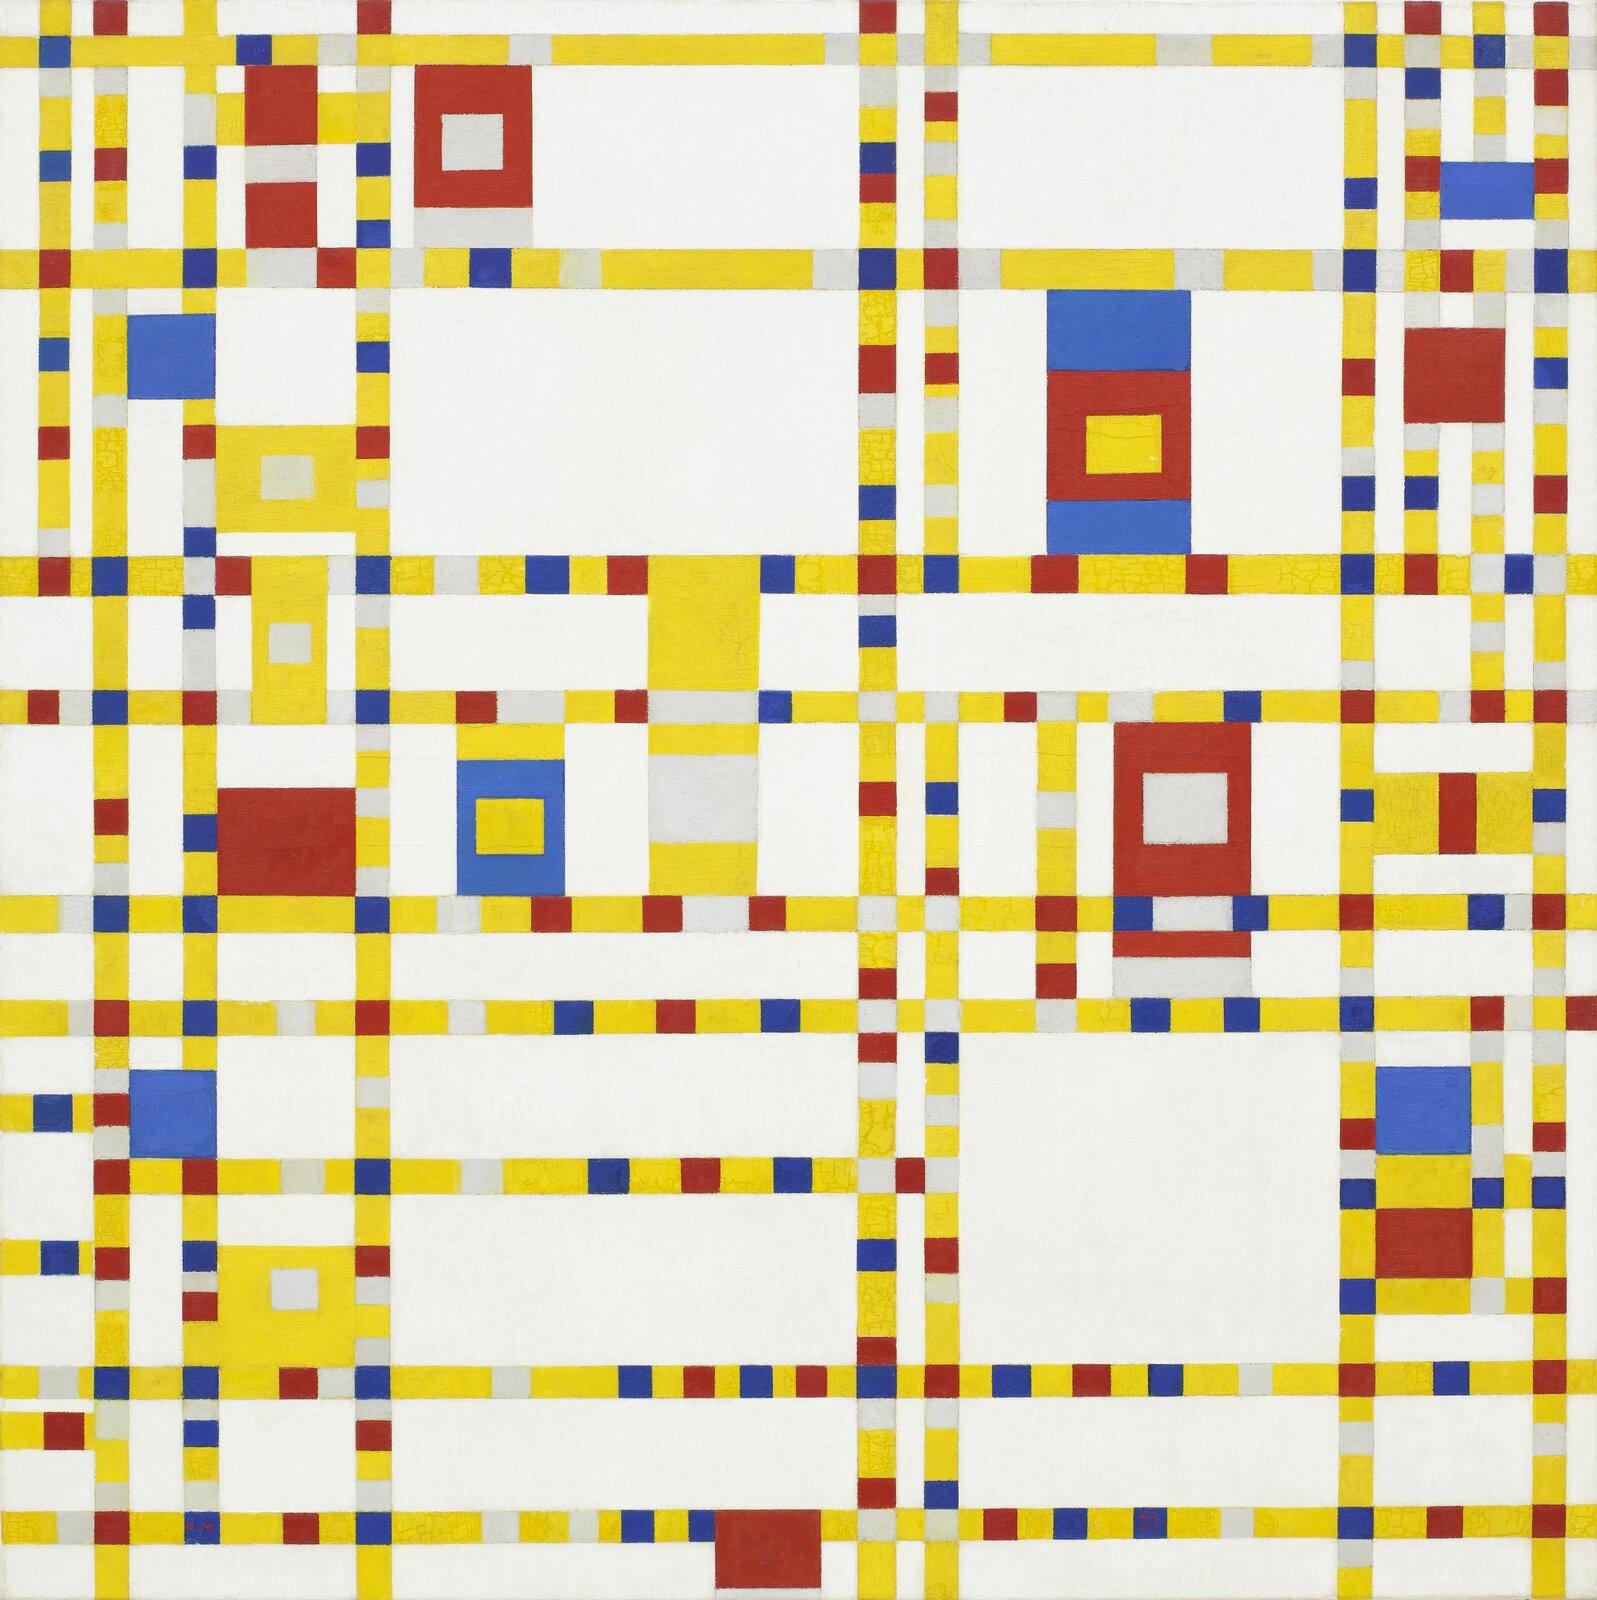 """Ilustracja przedstawia obraz olejny """"Broadway Boogie Woogie"""" autorstwa Piet Mondrian. Abstrakcyjna kompozycja składa się zmałych, żółtych, czerwonych, białych oraz granatowych kwadratów iprostokątów, ułożonych wpoziome atakże pionowe pasy na białym tle. Między nimi znajdują się większe prostokątne kształty wtych samych kolorach. Składowe elementy obrazu rozproszone są na całej powierzchni jakby przypadkowo. Artysta zastosował tutaj kompozycję otwartą – łatwo jesteśmy wstanie sobie wyobrazić dalszą kompozycję poza kadrem płótna."""